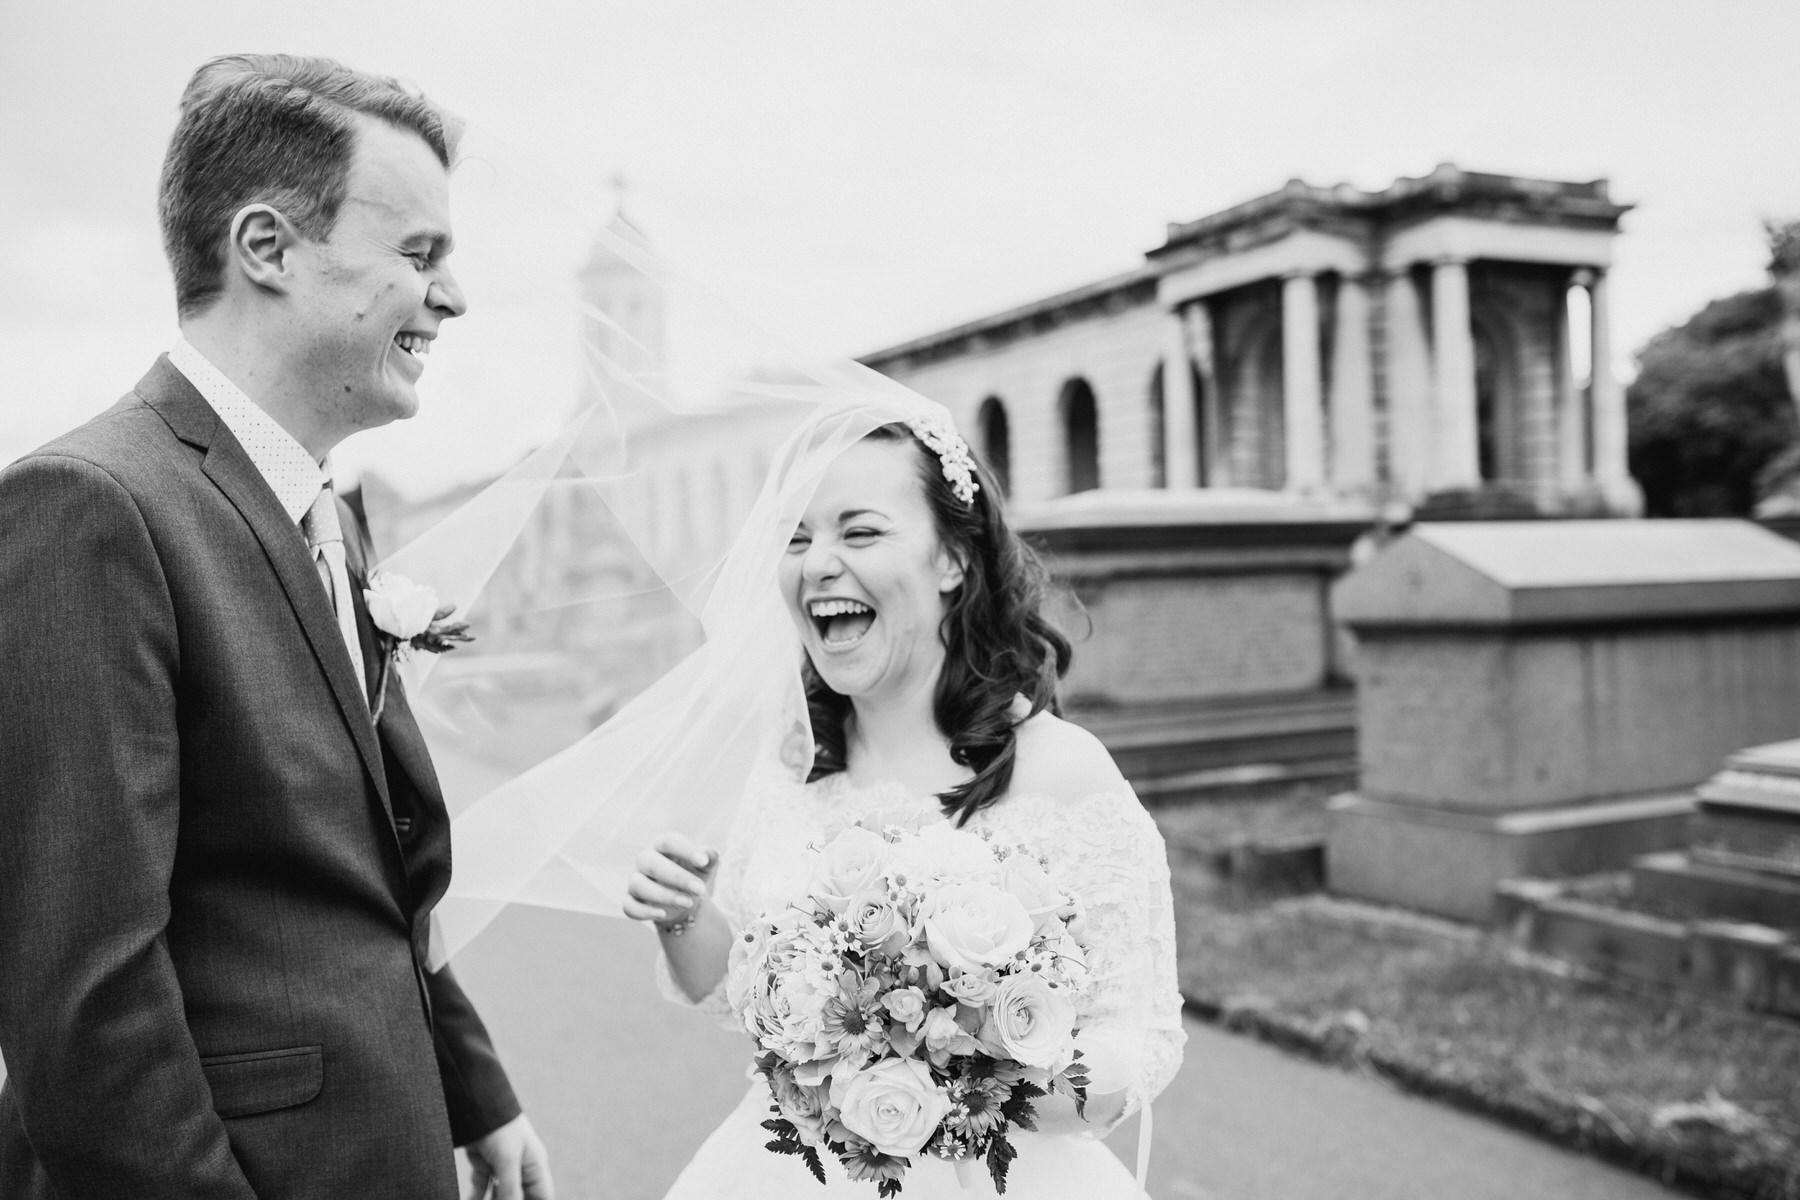 BW flyaway veil groom bride wedding portraits Brompton Cemetery.jpg